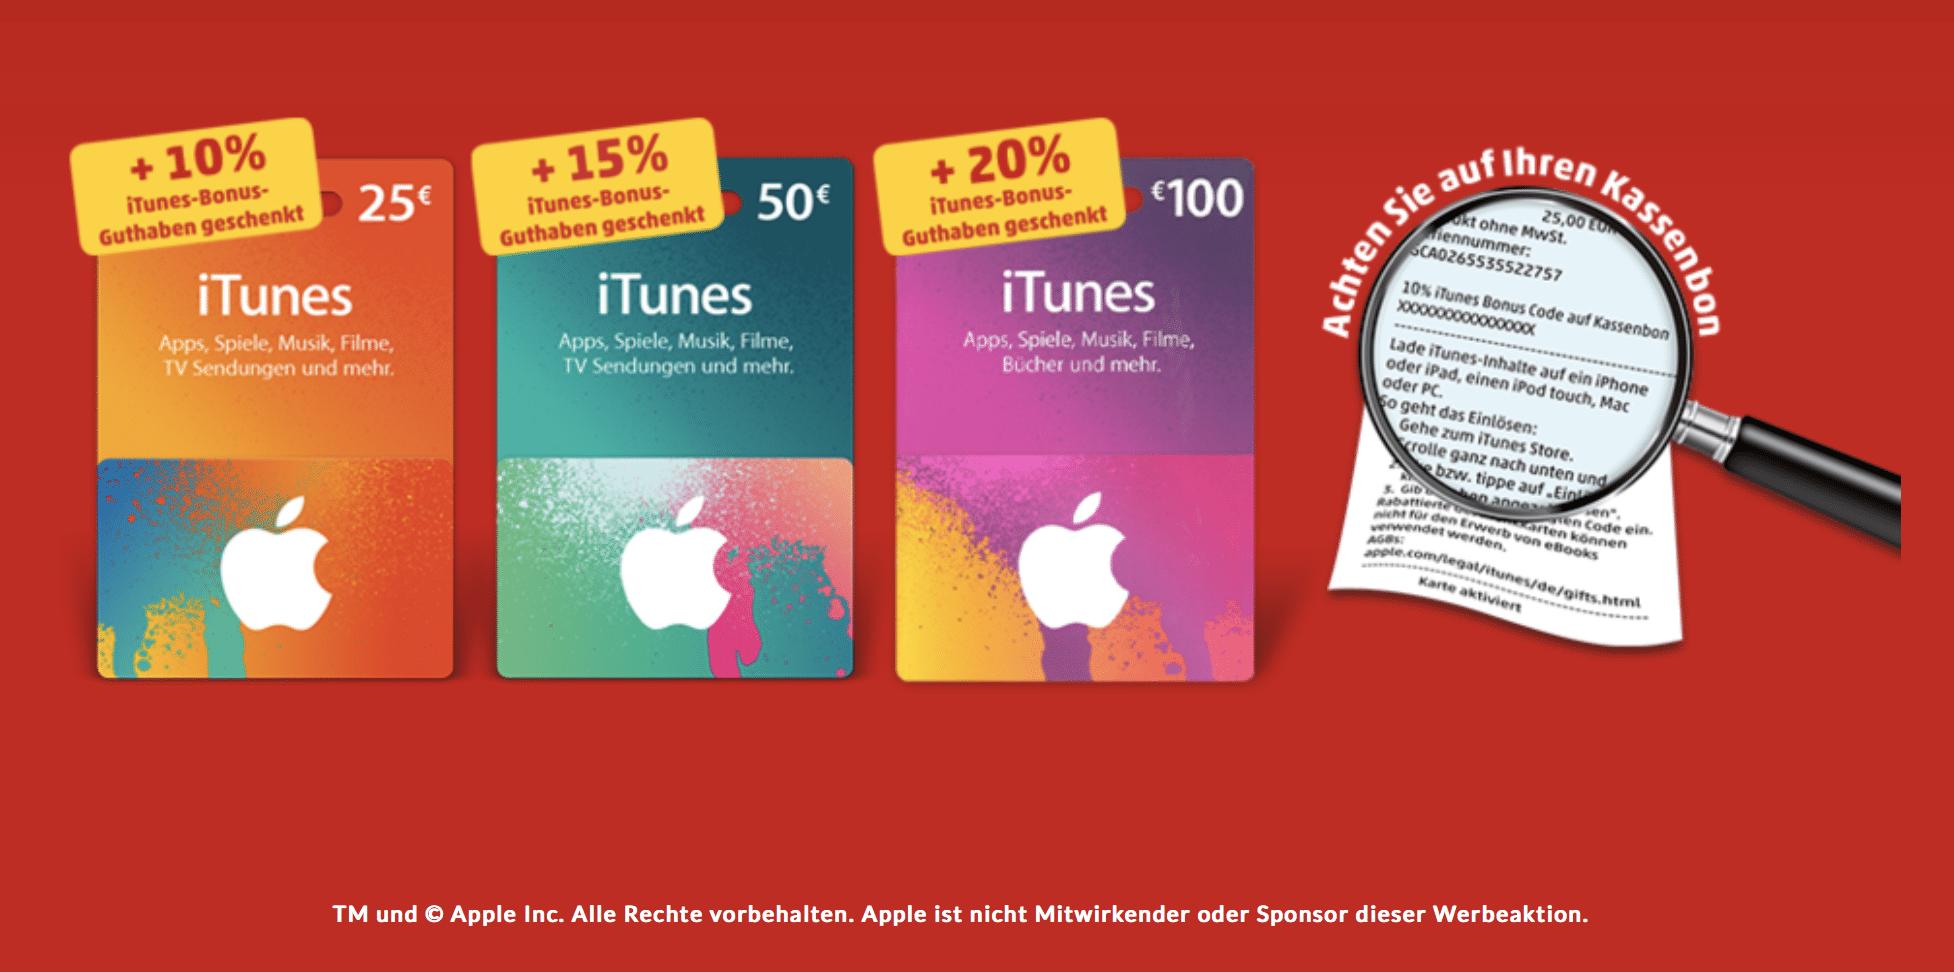 Bonusguthaben auf iTunes-Karten.